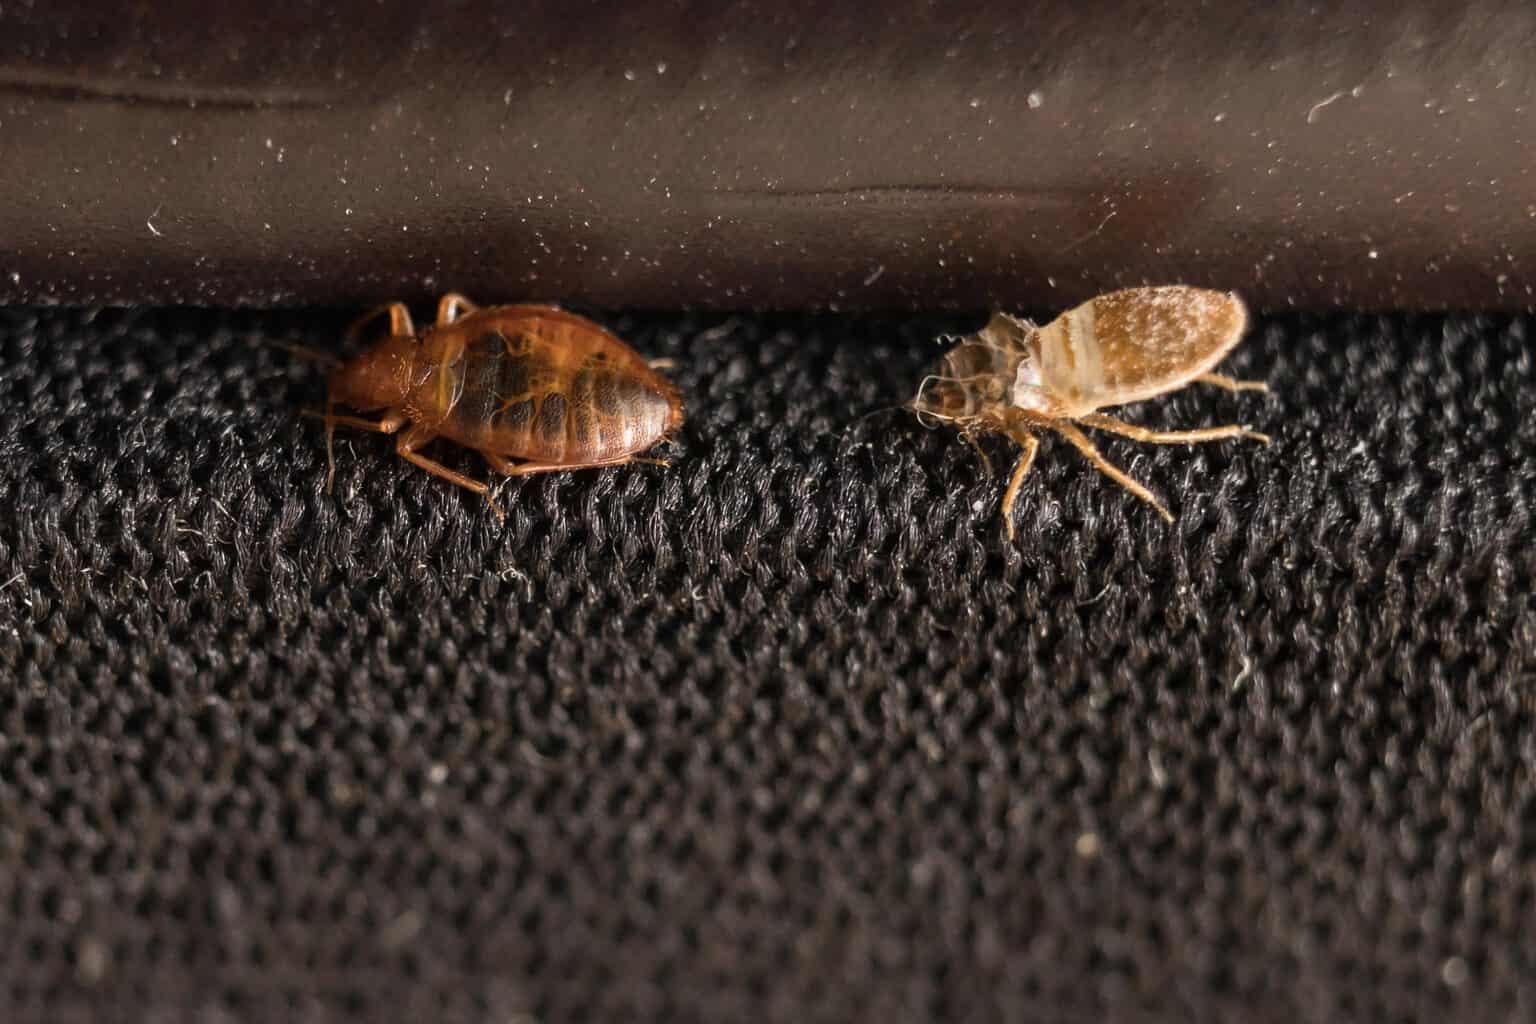 Как передвигаются постельные клопы: летают ли они?